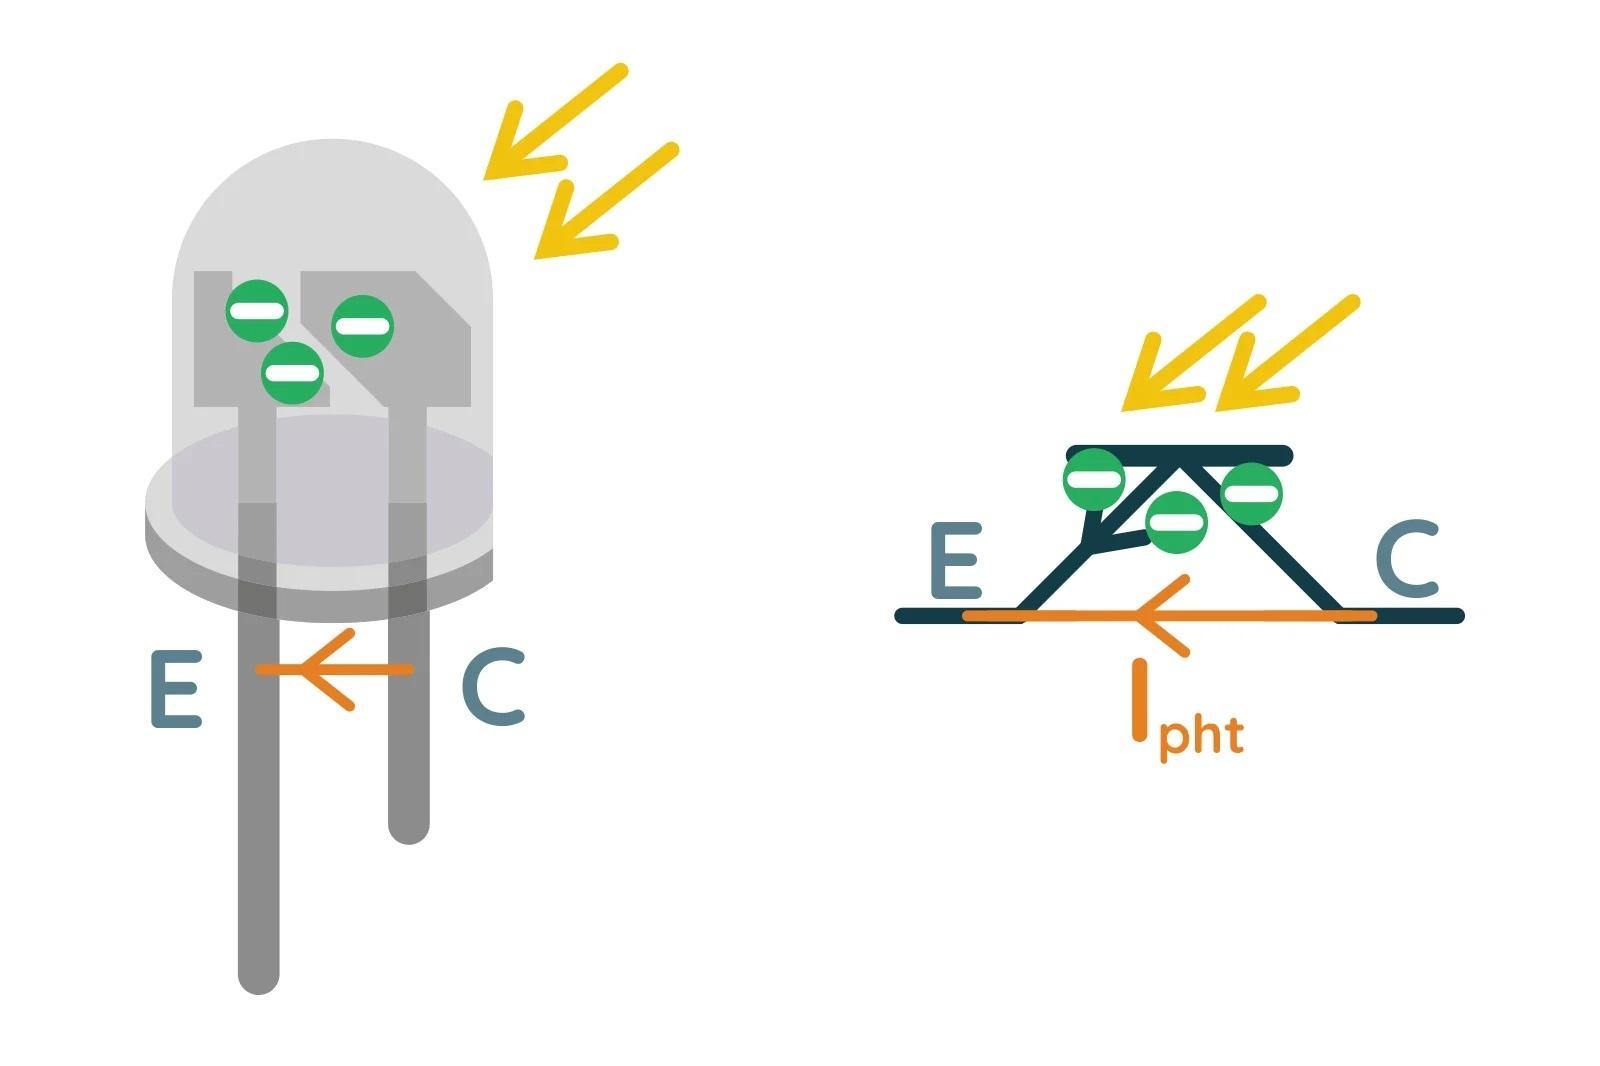 Описание работы фототранзистора